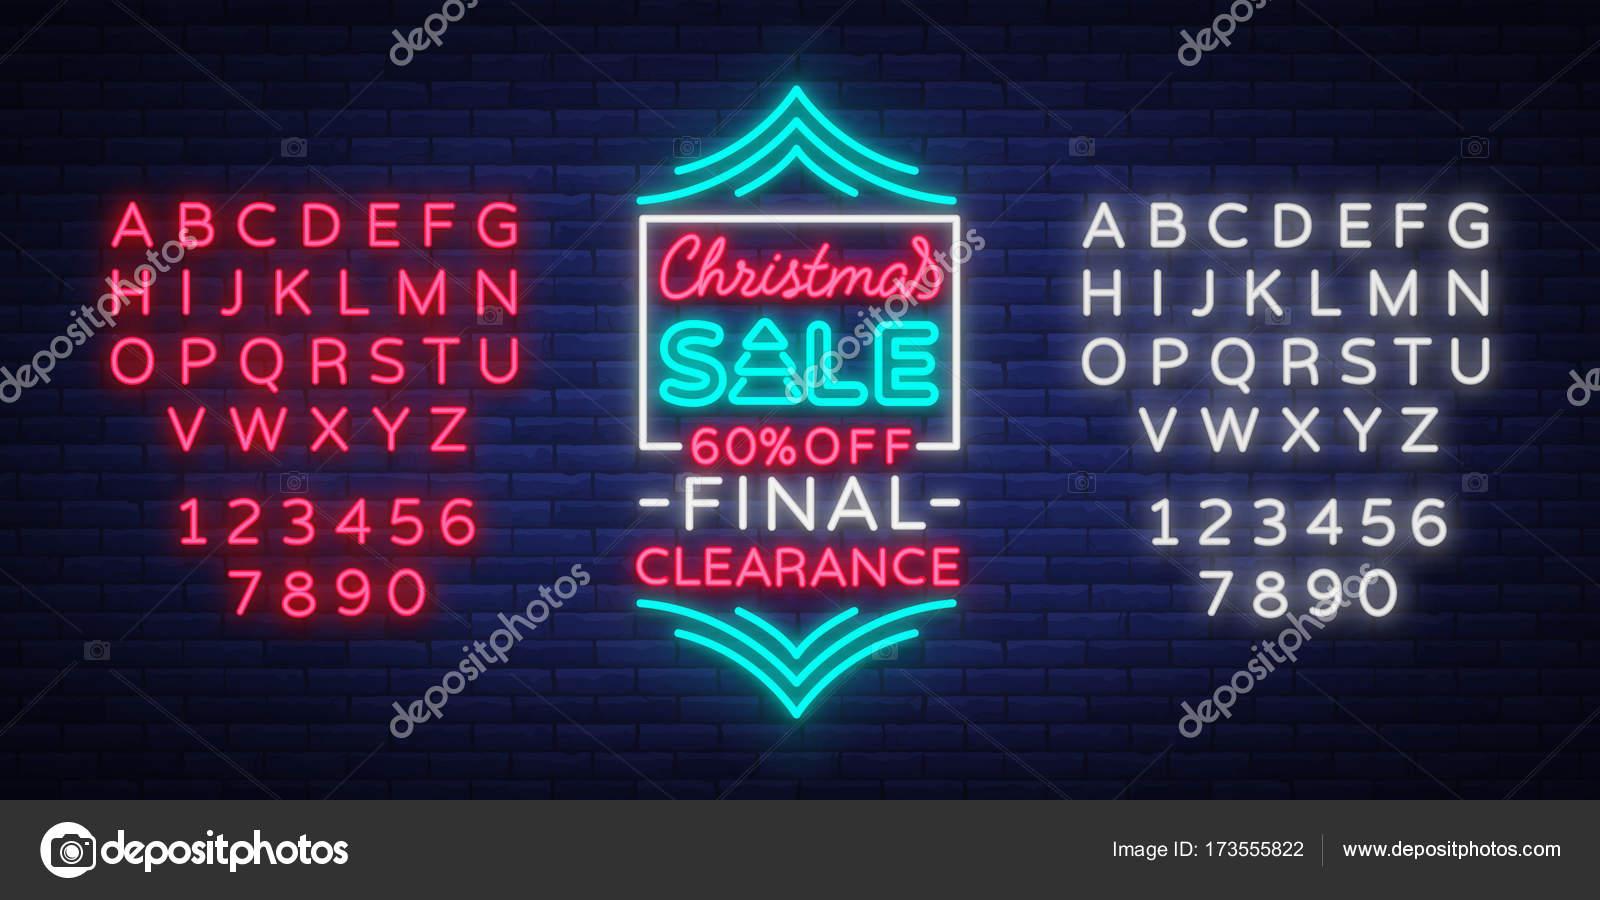 Weihnachten Bilder Bearbeiten.Weihnachten Verkauf Plakat Werbebanner In Neon Stil Isoliert Vektor